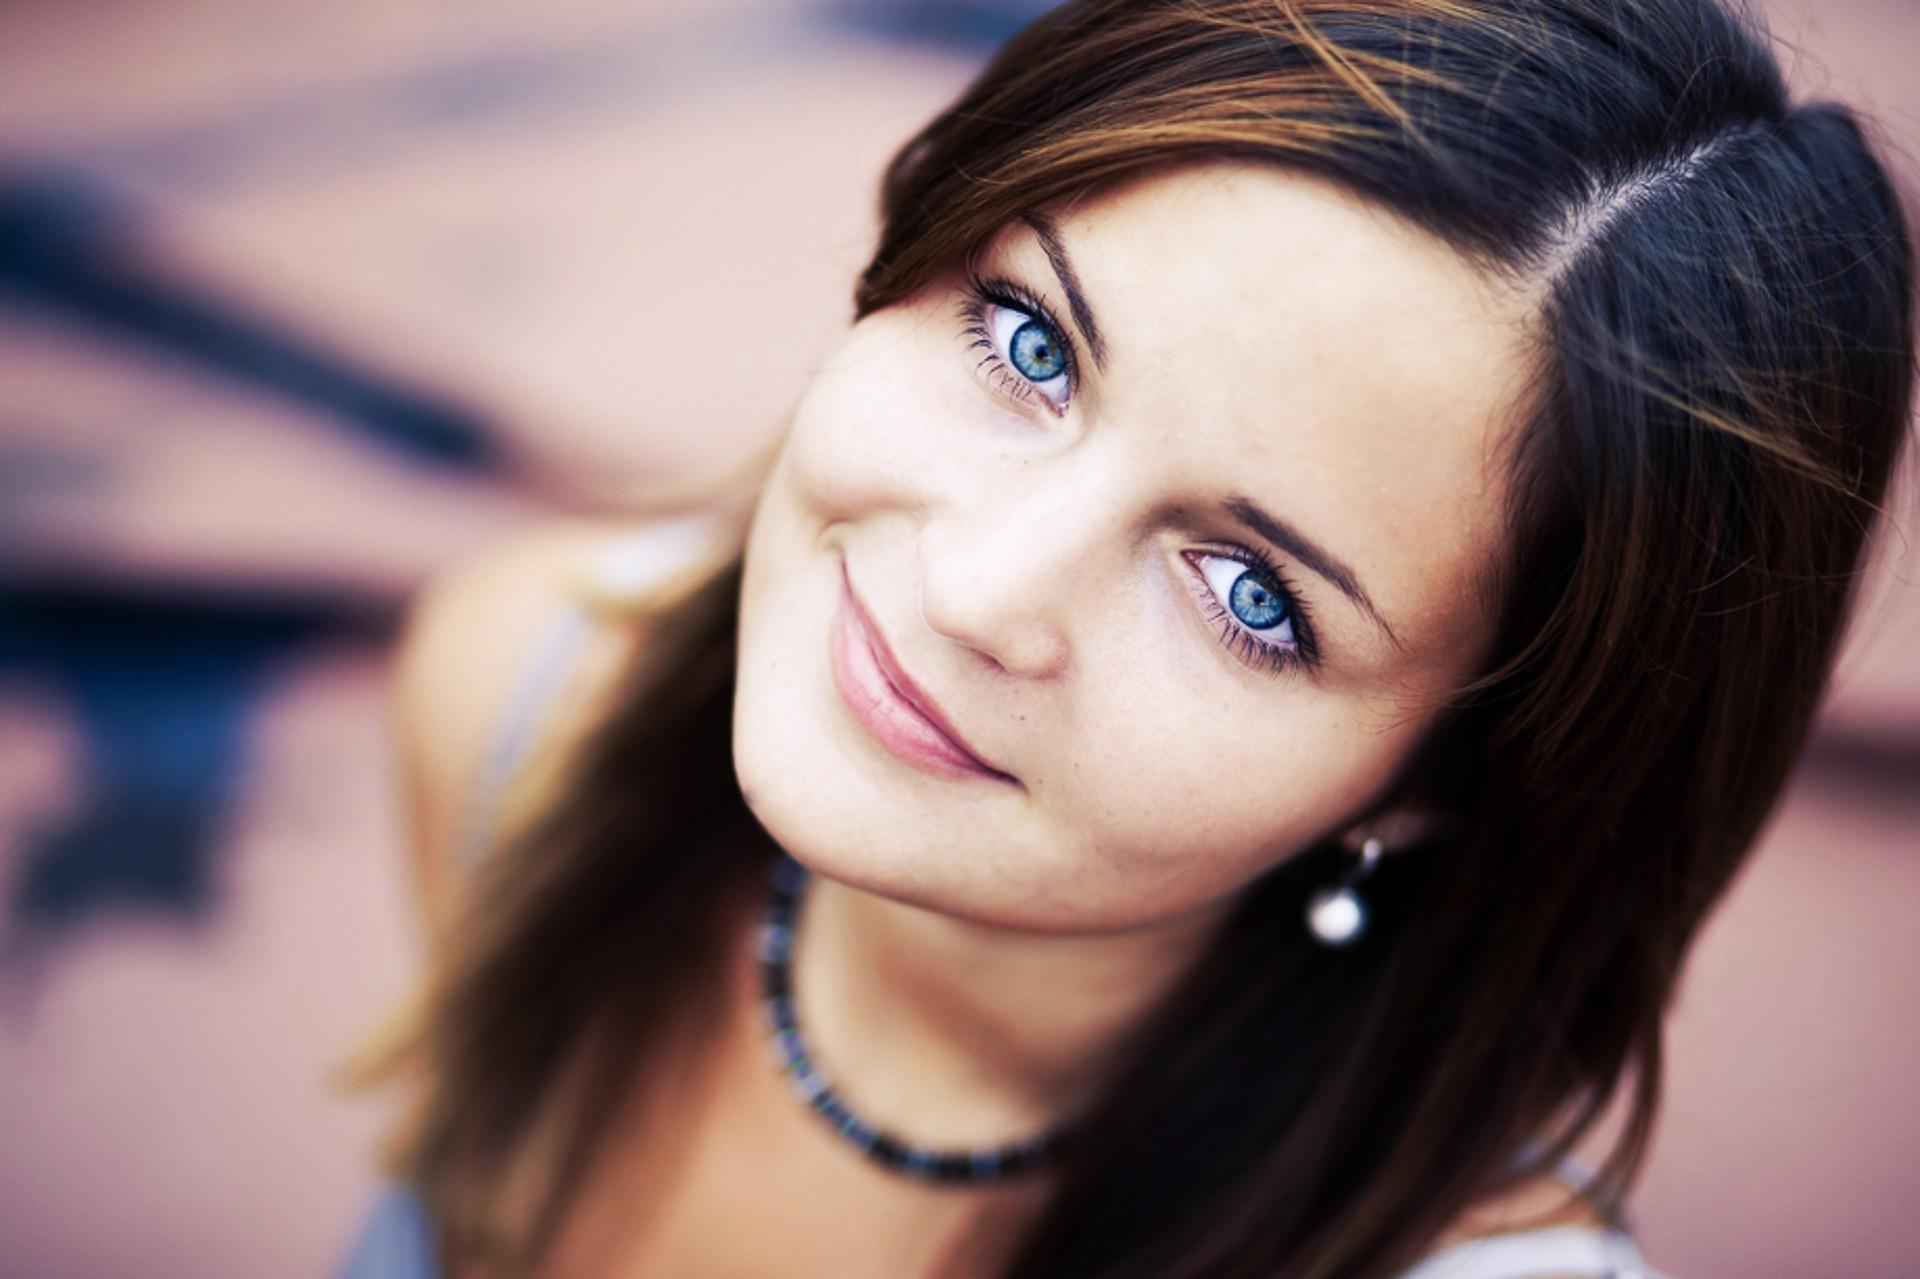 والپیپر صورت دختر چشم آبی  PicO